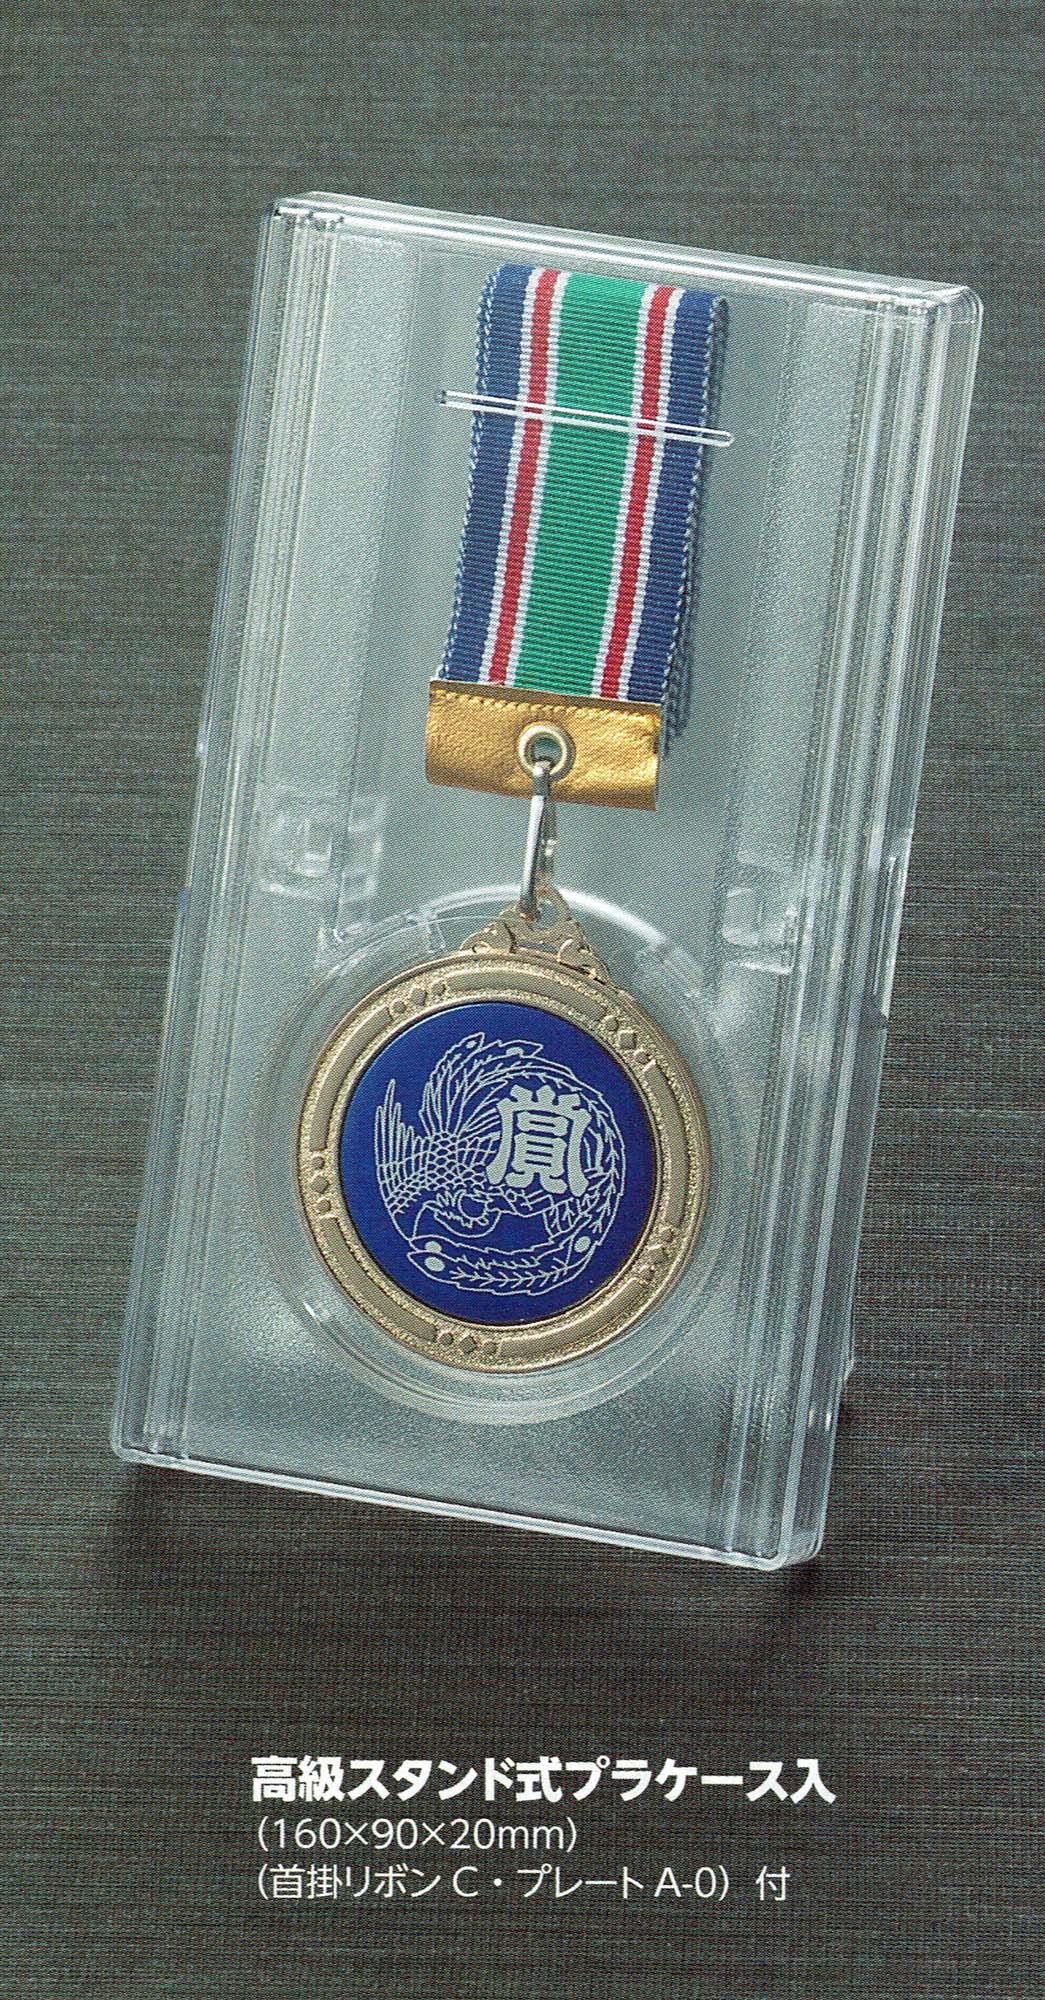 MD-53メダル 高級スタンド式プラケース入